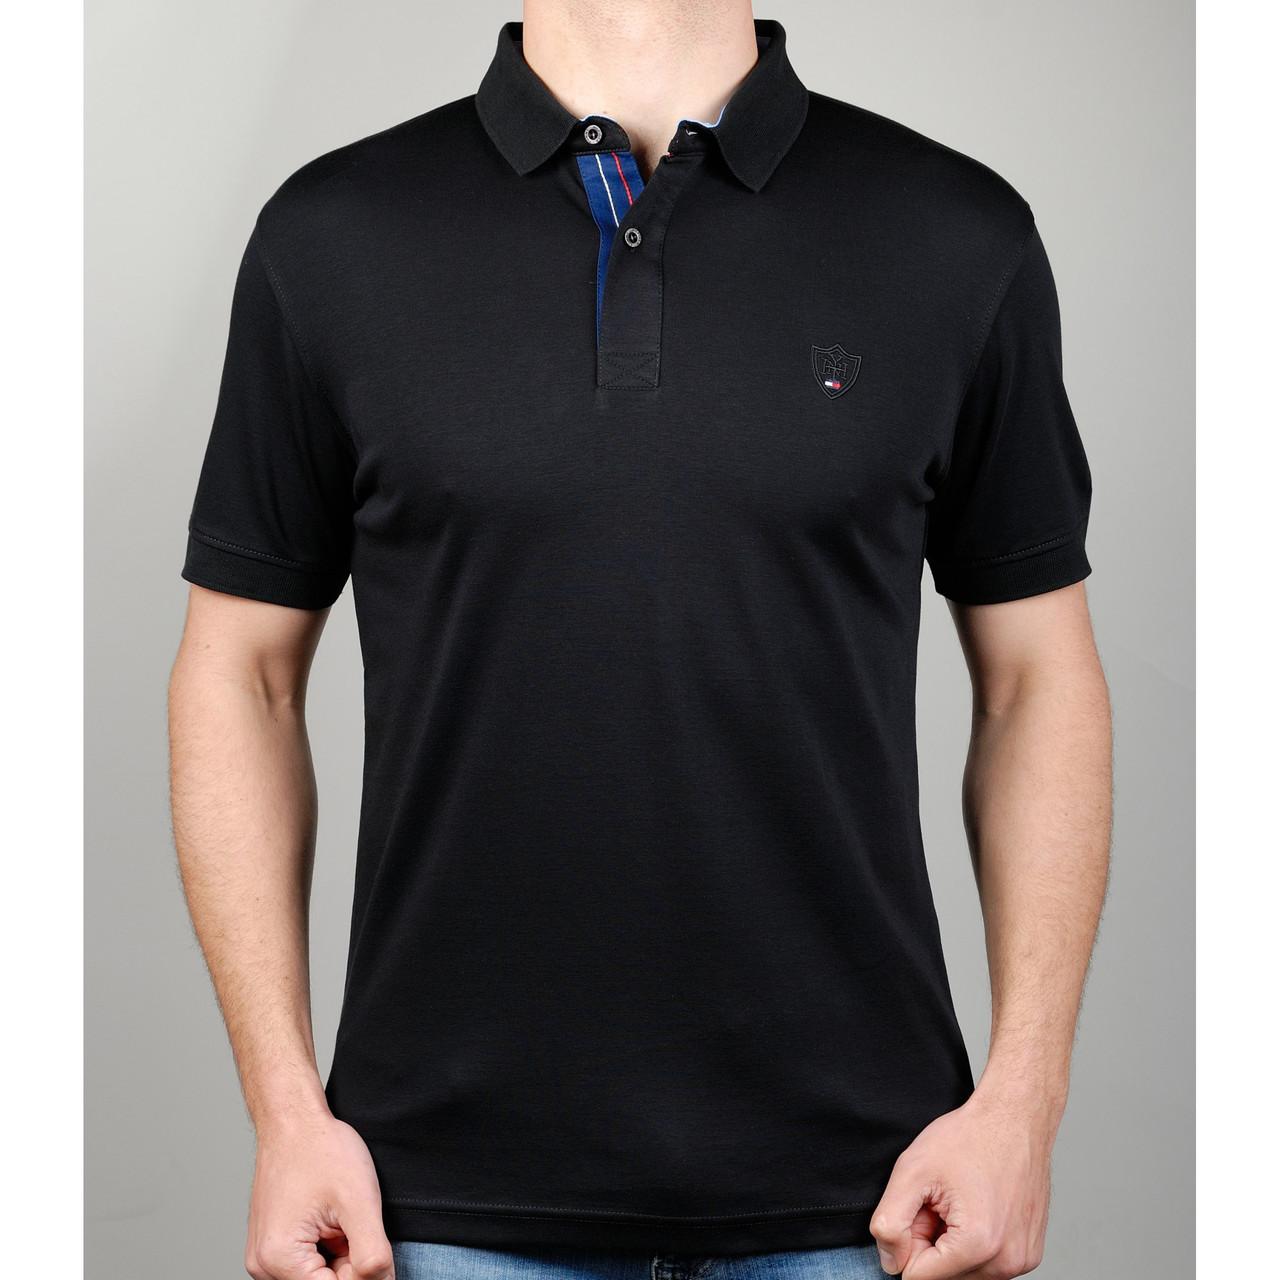 Мужская футболка поло TOMMY HILFIGER 20886 черная - купить по лучшей ... 370cd761b8888